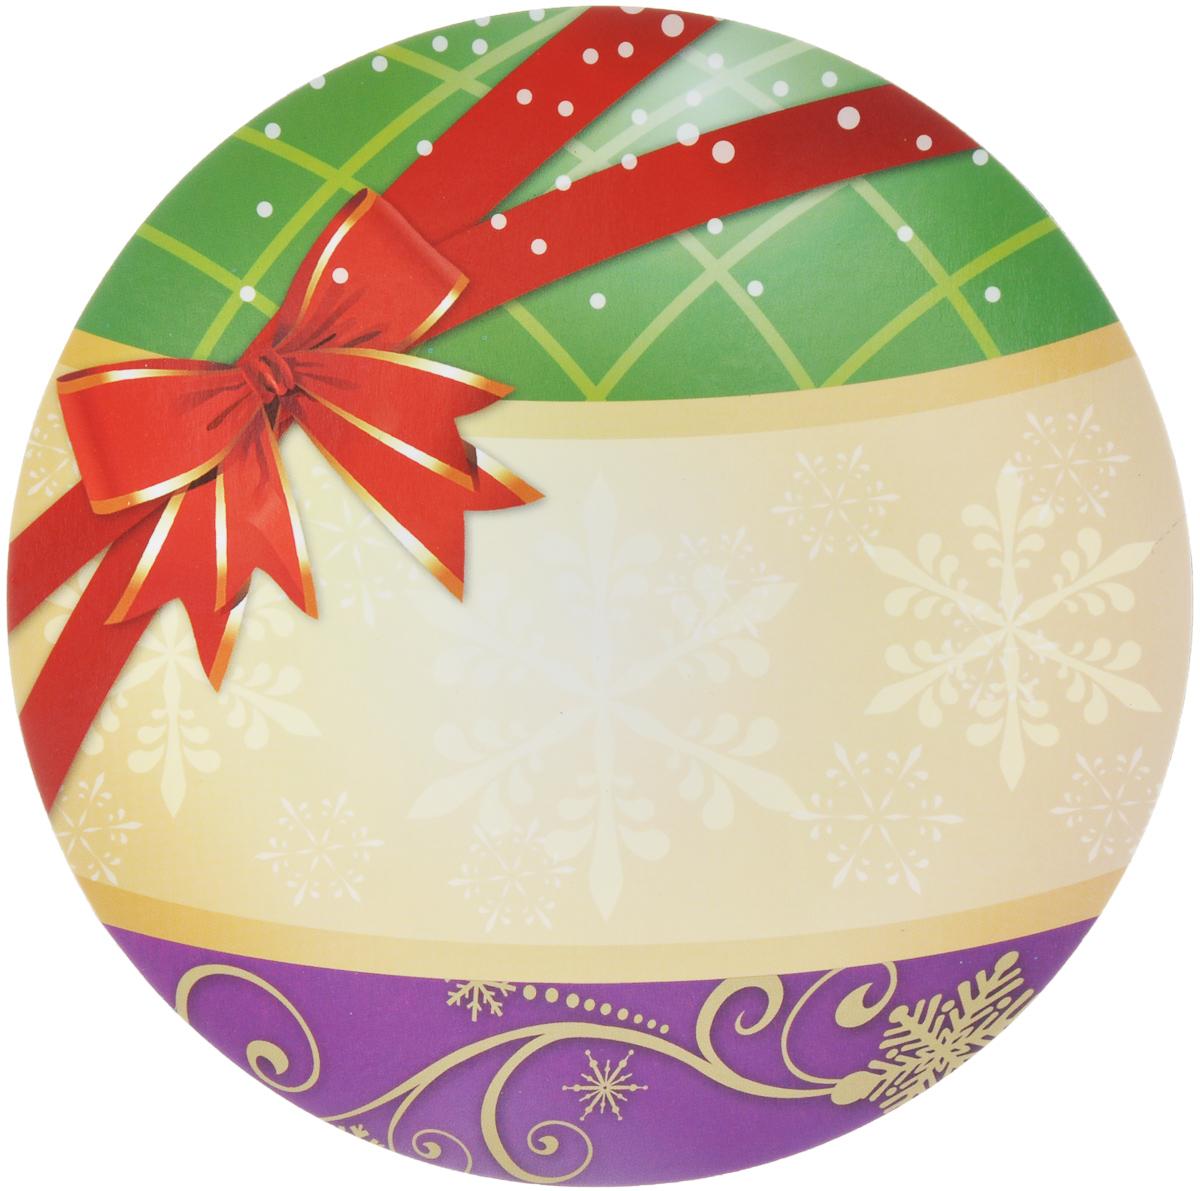 Магнит для записей Lunten Ranta Подарок. Шар, диаметр 16 см65907_шарМагнит для записей Lunten Ranta Подарок. Шар выполнен из ПВХ и оформлен ярким изображением. На таком магните вы сможете написать оригинальное новогоднее поздравление и удивить ваших друзей и близких. Изделие отлично подойдет для декорирования домашнего интерьера, а так же станет приятным и необычным подарком. Диаметр: 16 см.